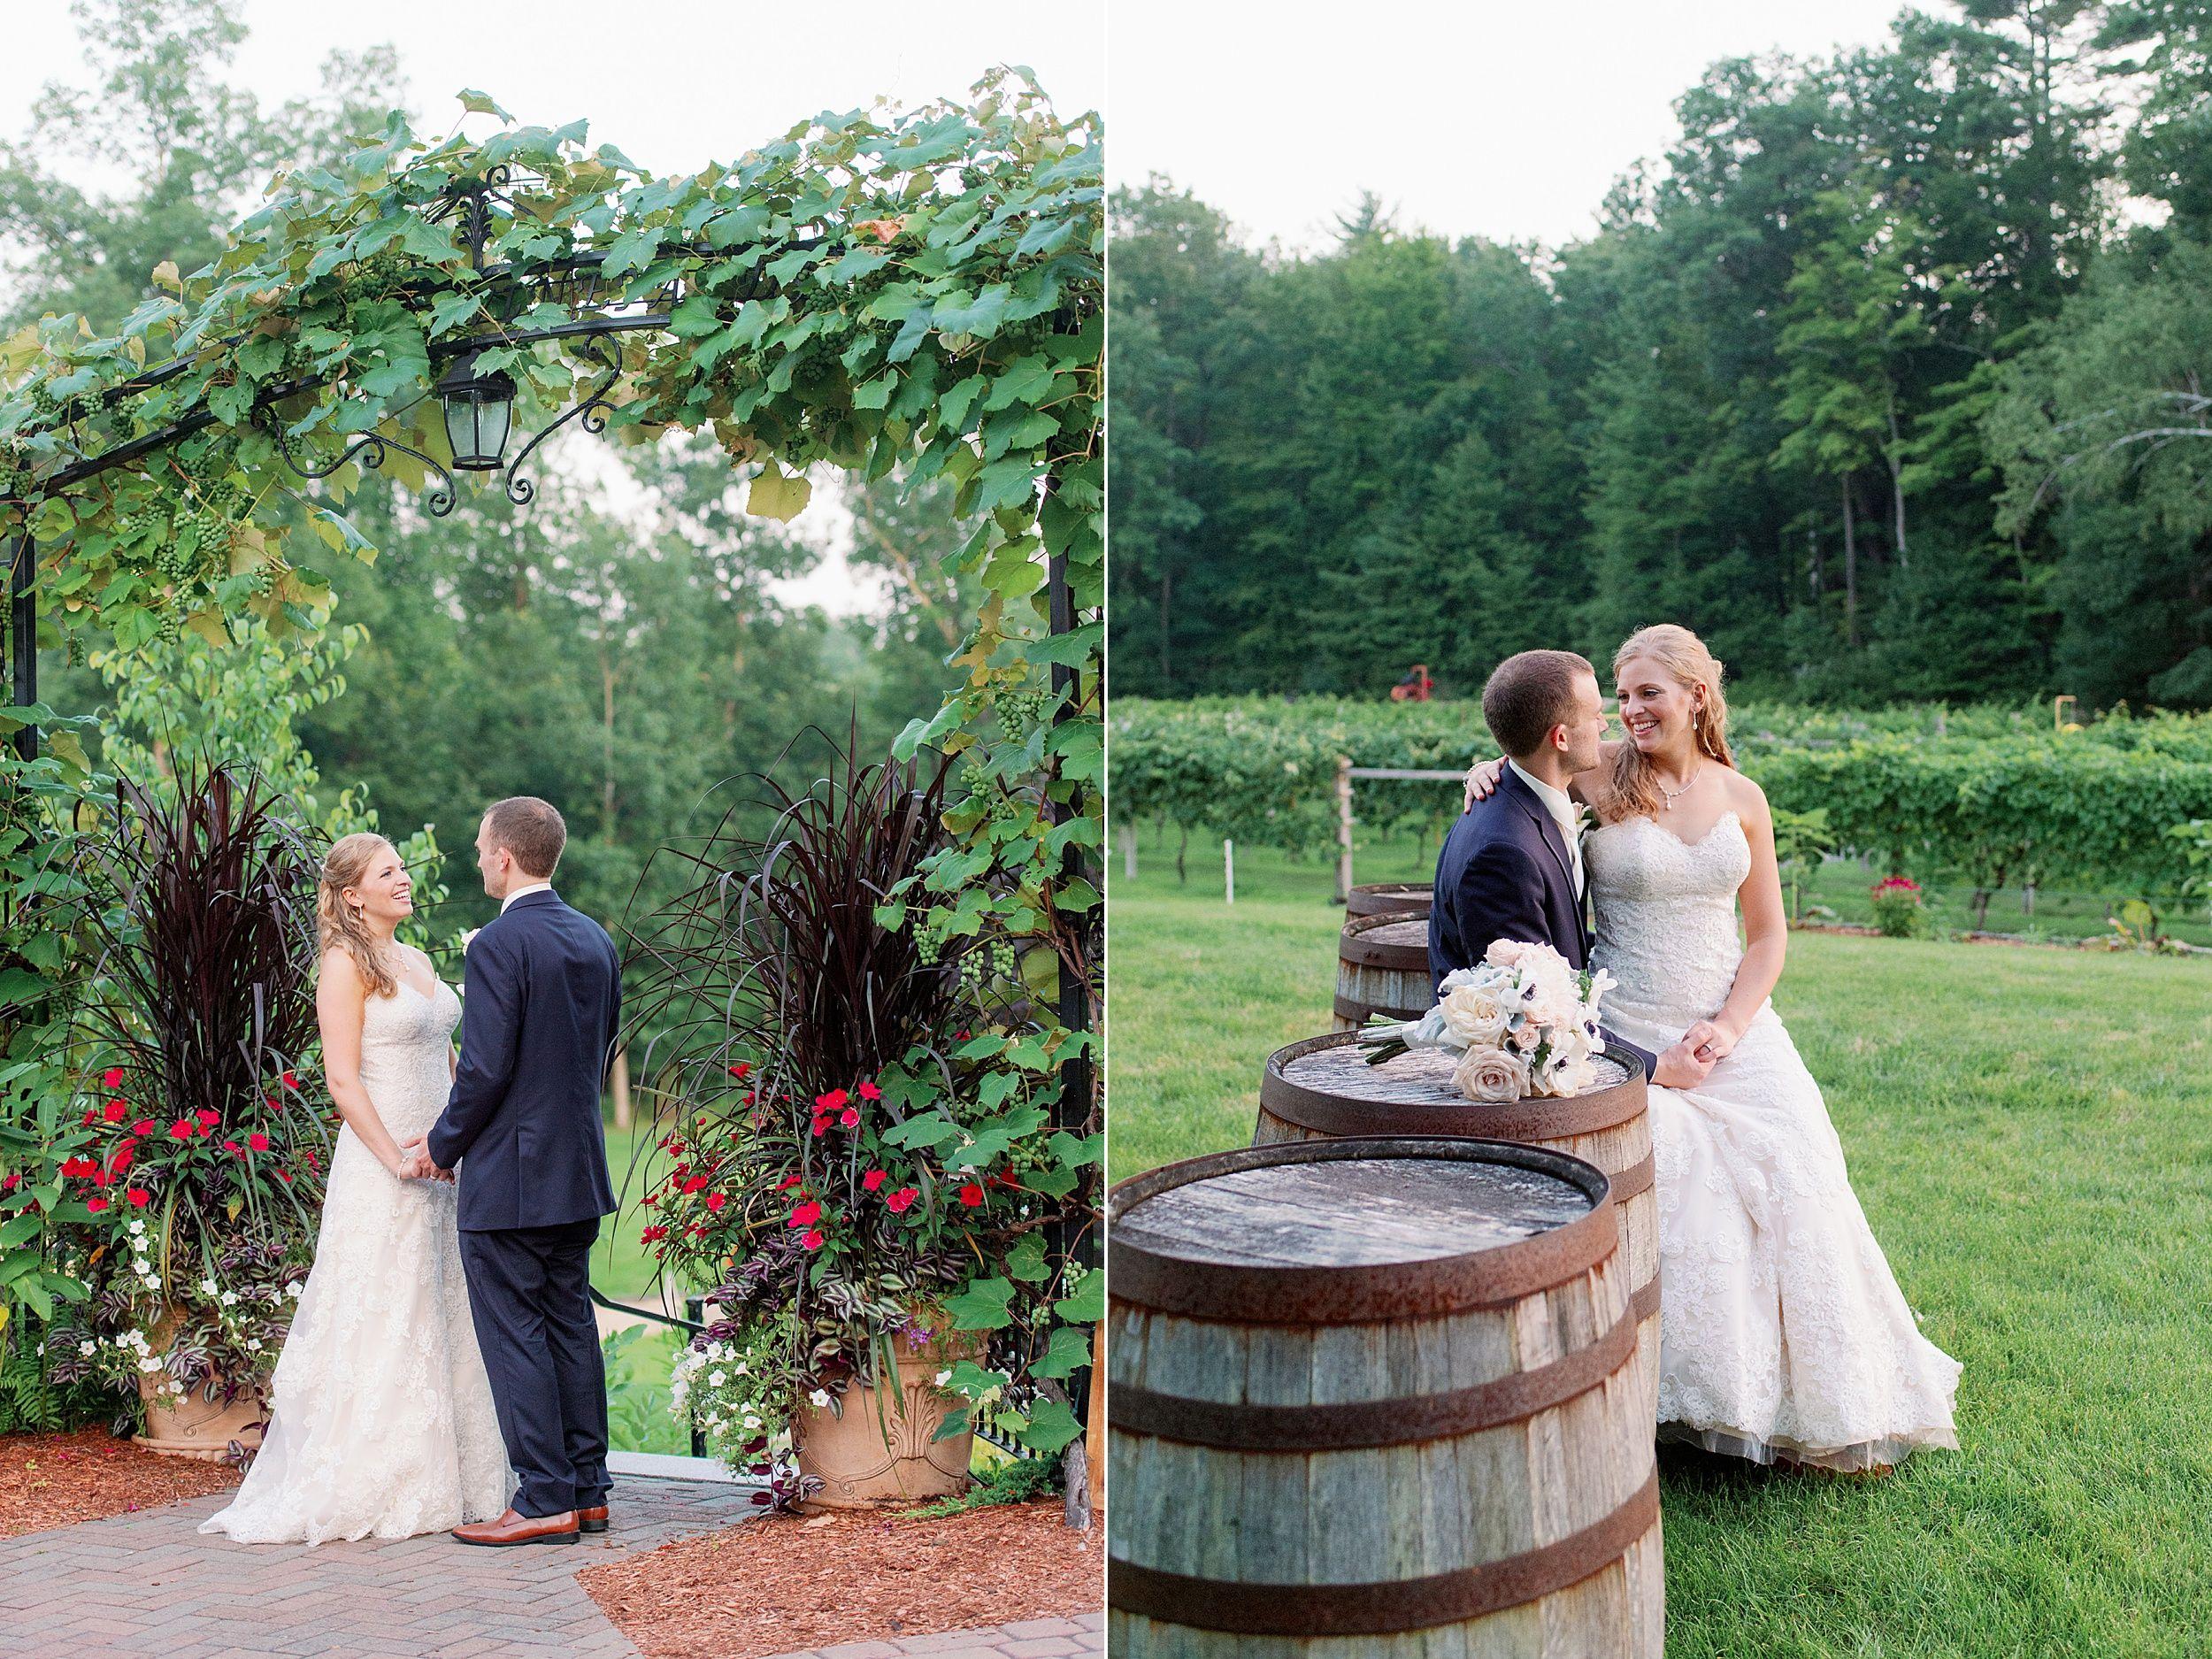 Zorvino Vineyards Wedding Lynne Reznick Photography In 2020 Vineyard Wedding Country Wedding Photos Zorvino Vineyard